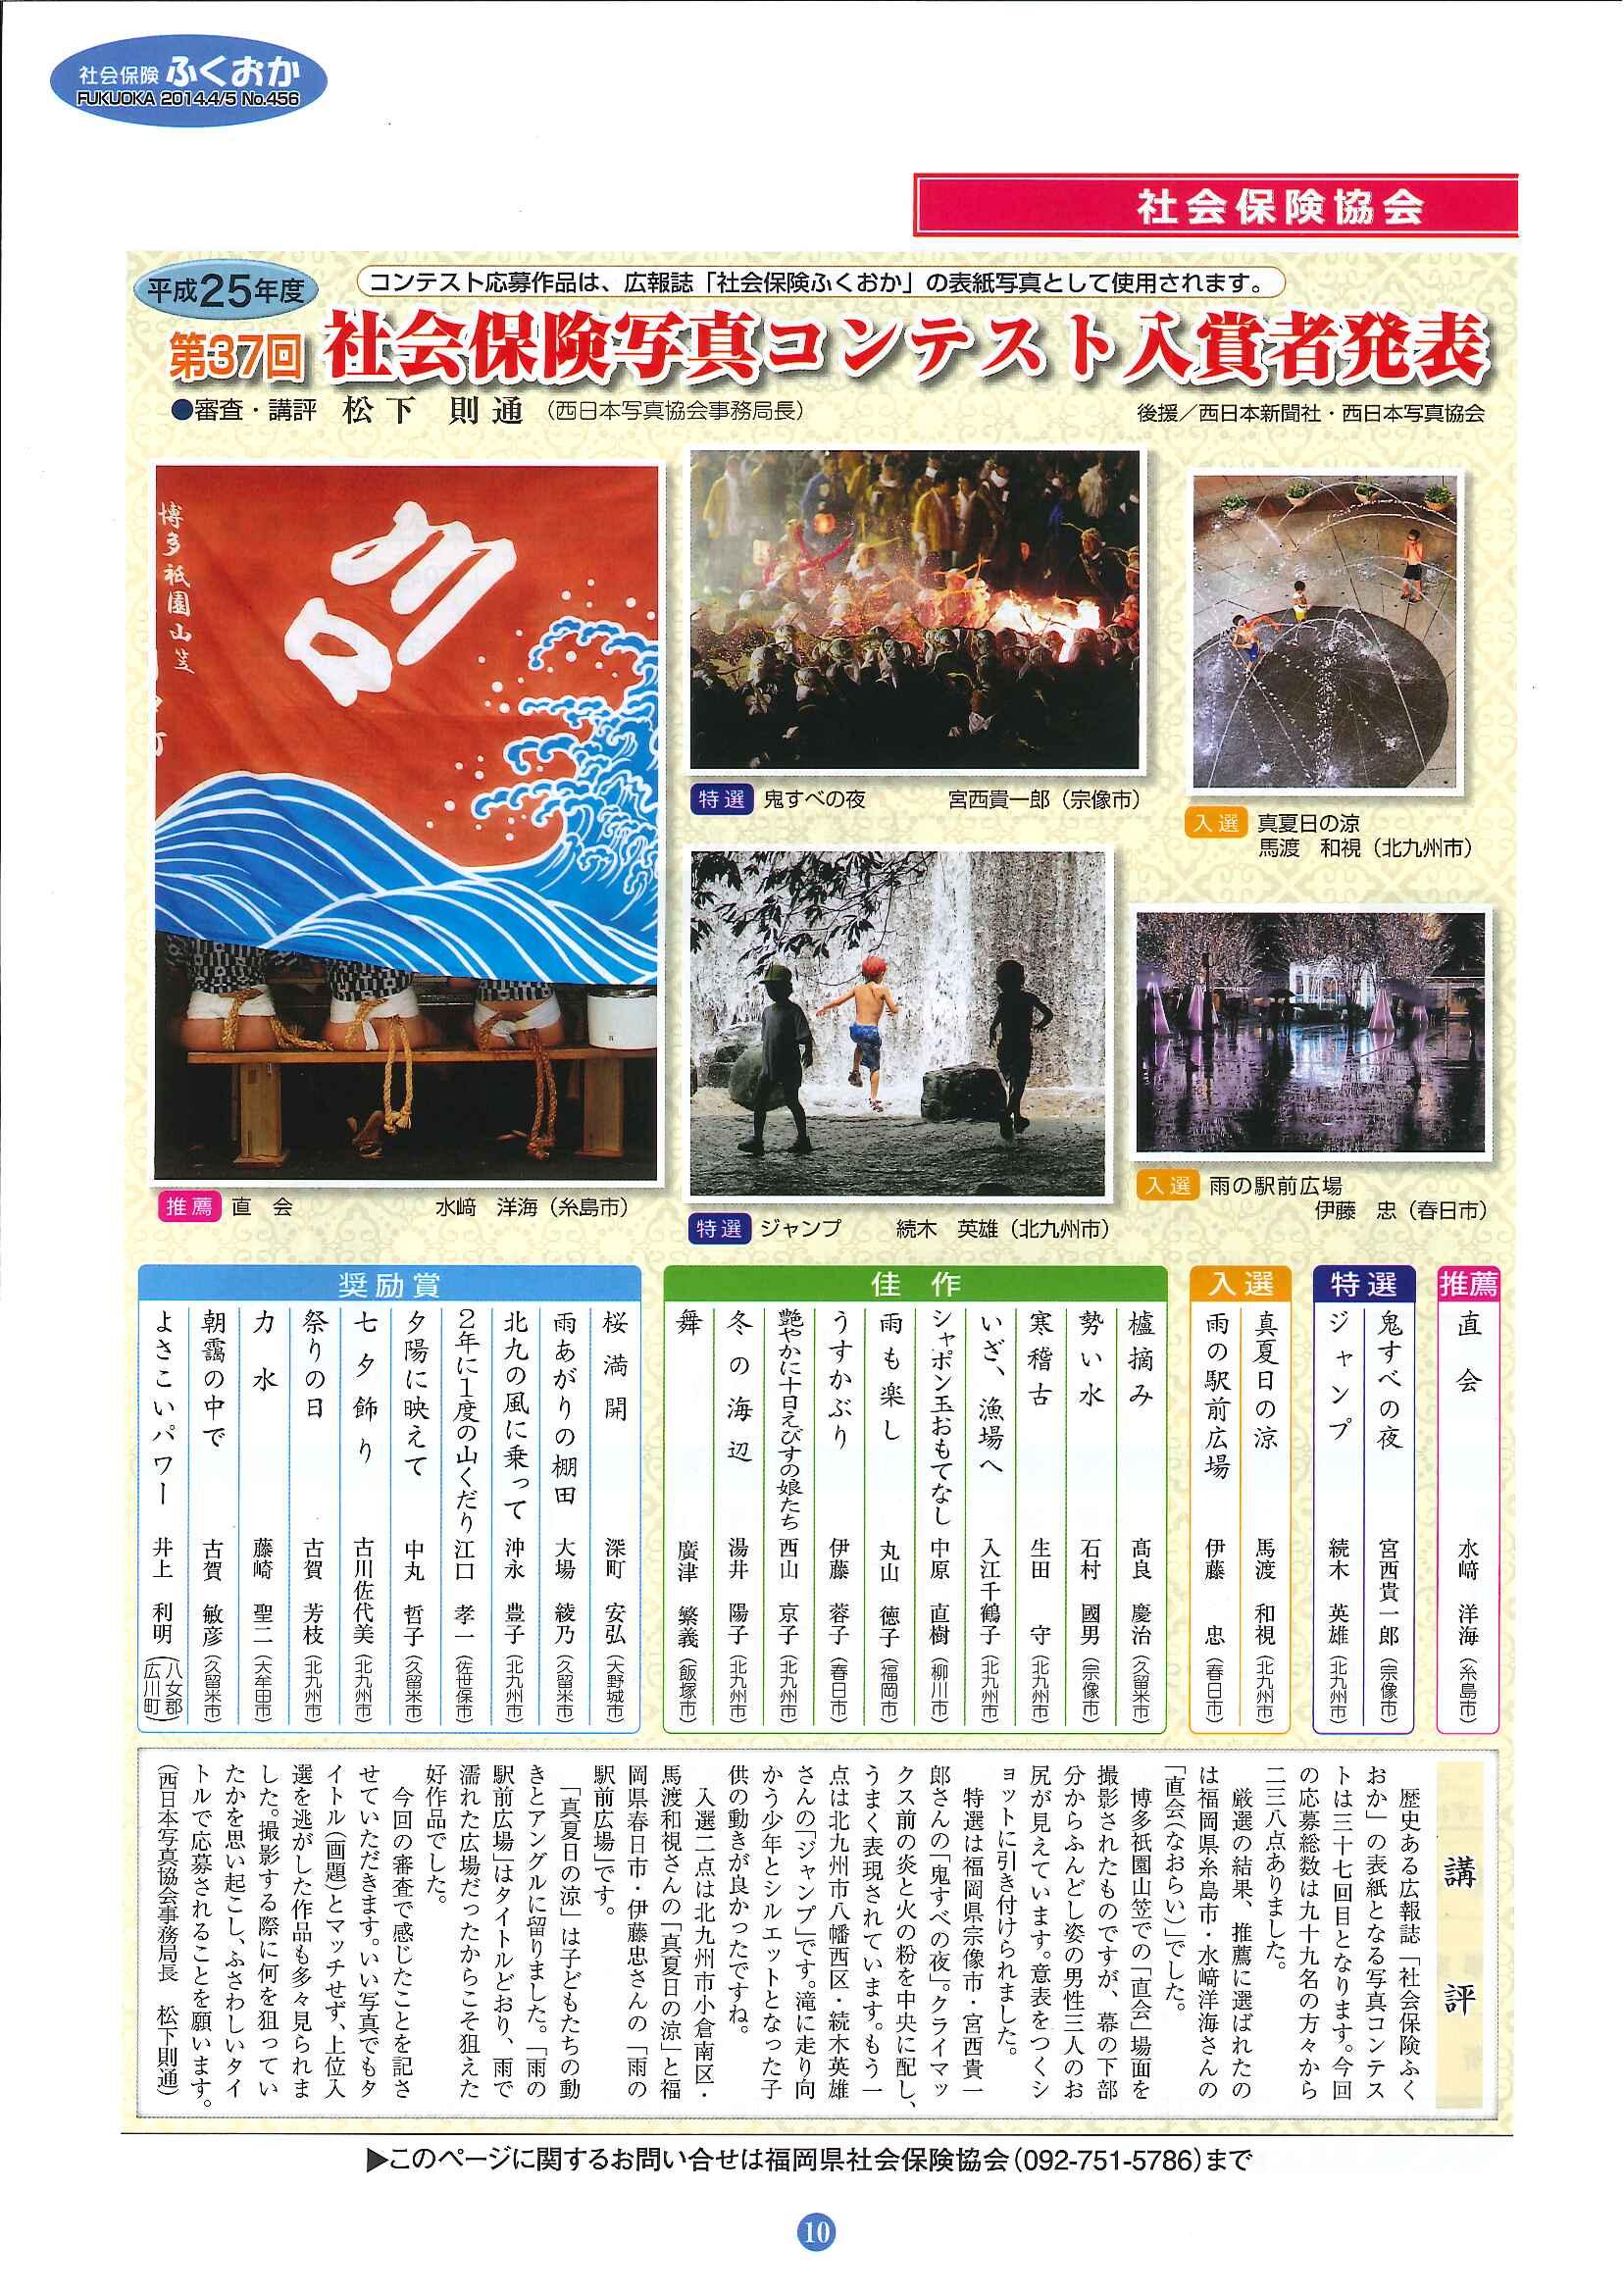 社会保険 ふくおか 2014年4・5月号_f0120774_1502658.jpg